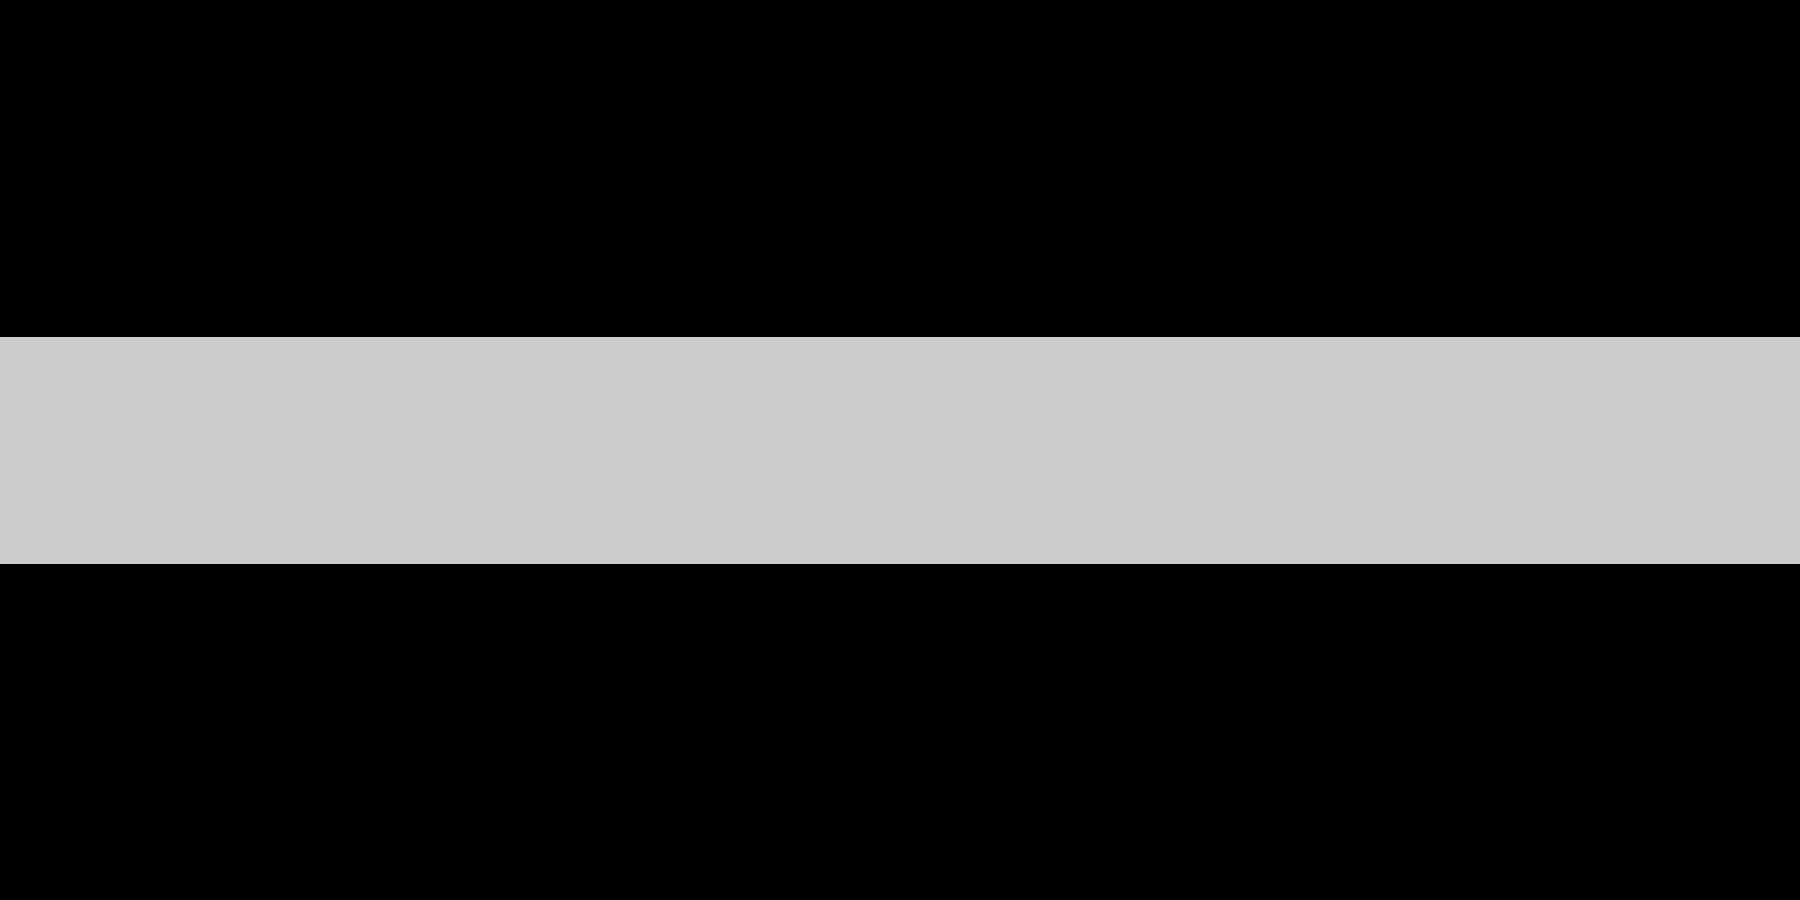 ソルフェジオ周波数_396hzの未再生の波形